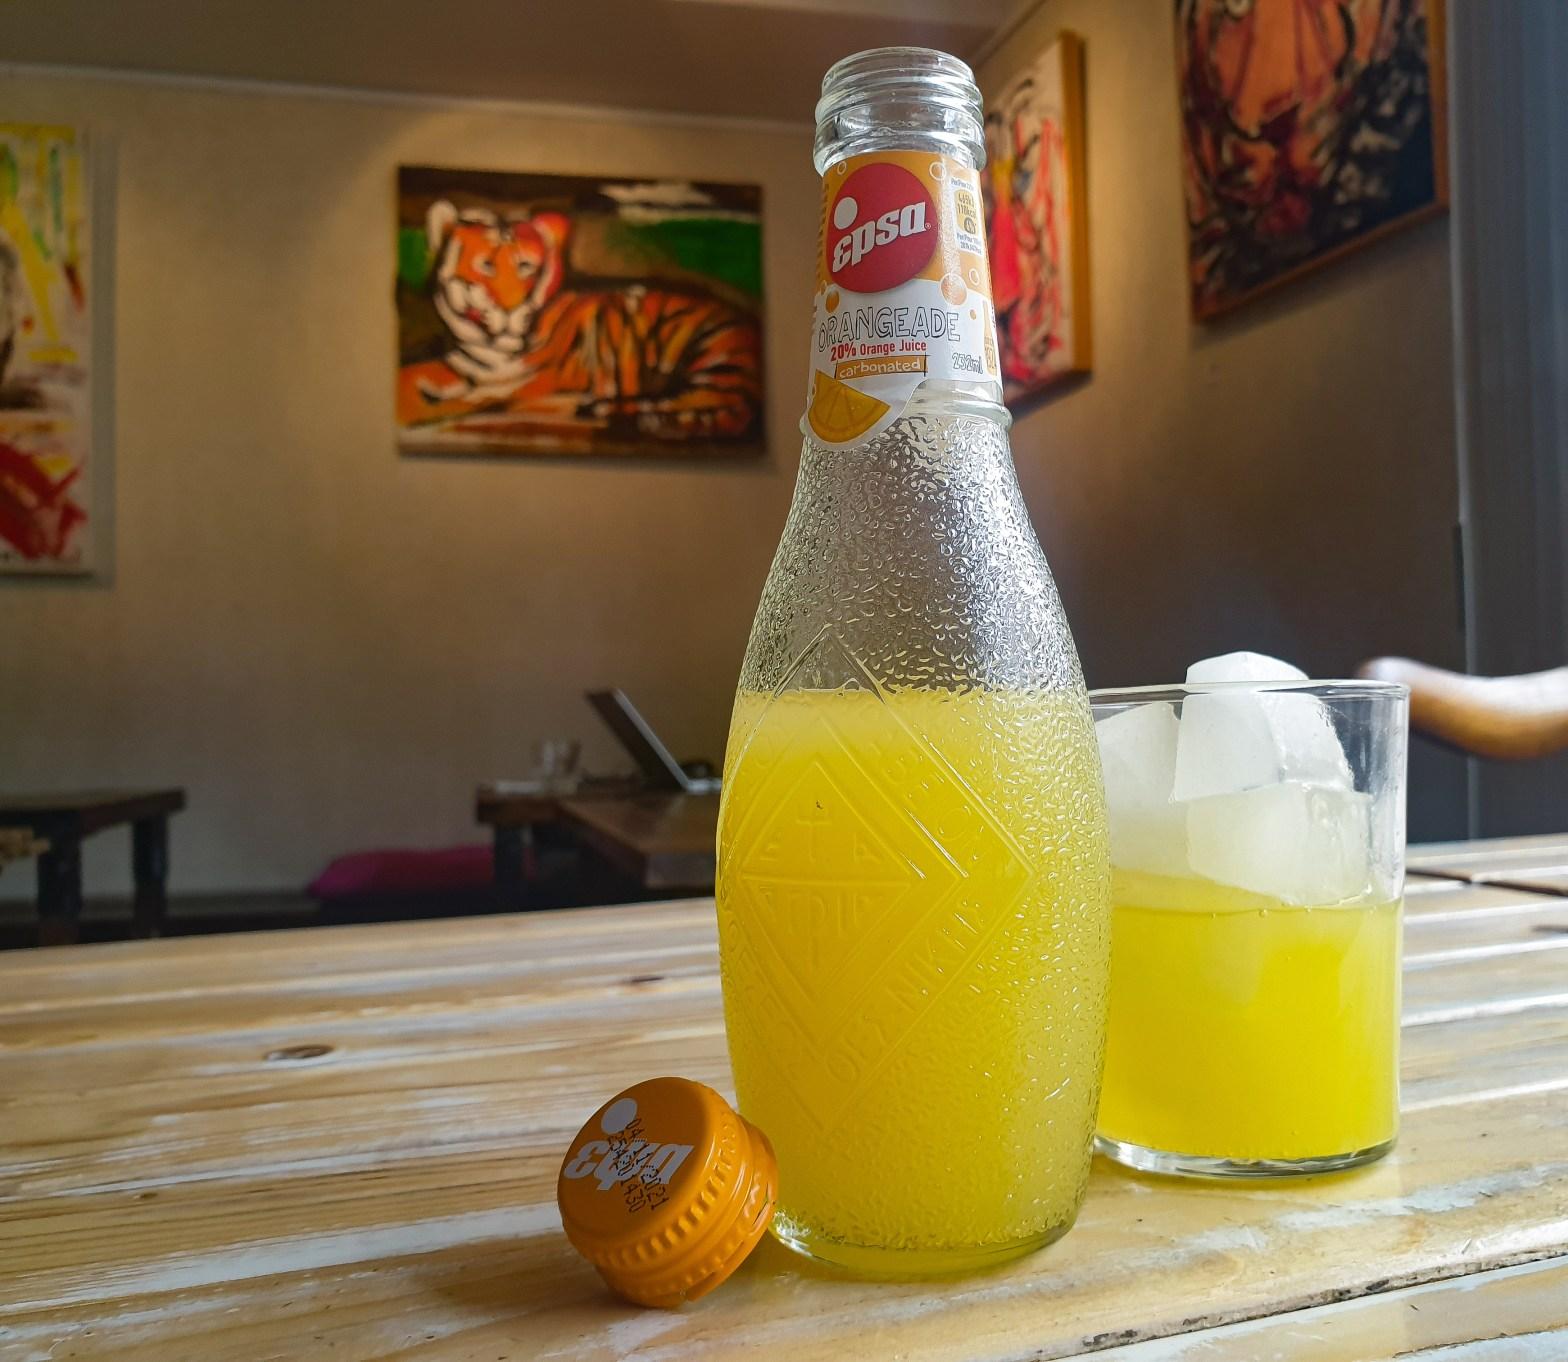 Grekisk läsk Epsa - kolsyrad med 20 % apelsin